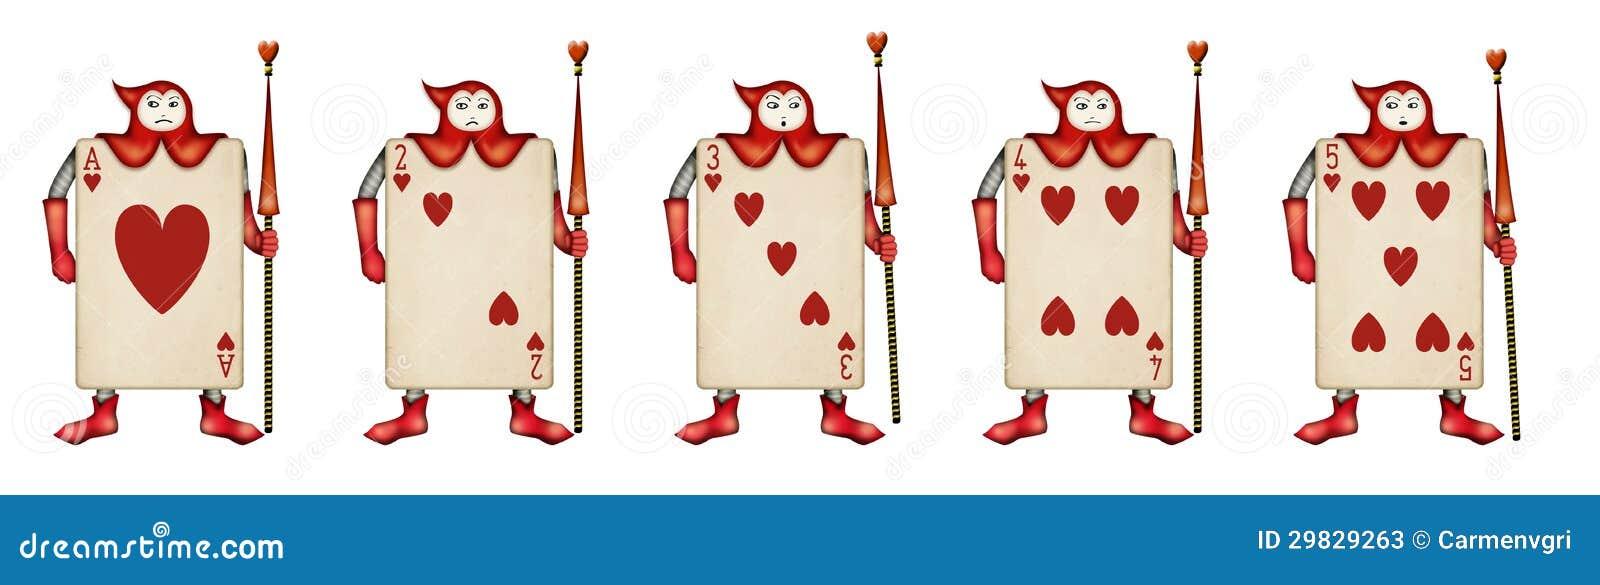 Illustration du soldat de carte des trois de clubs d Alice au pays des